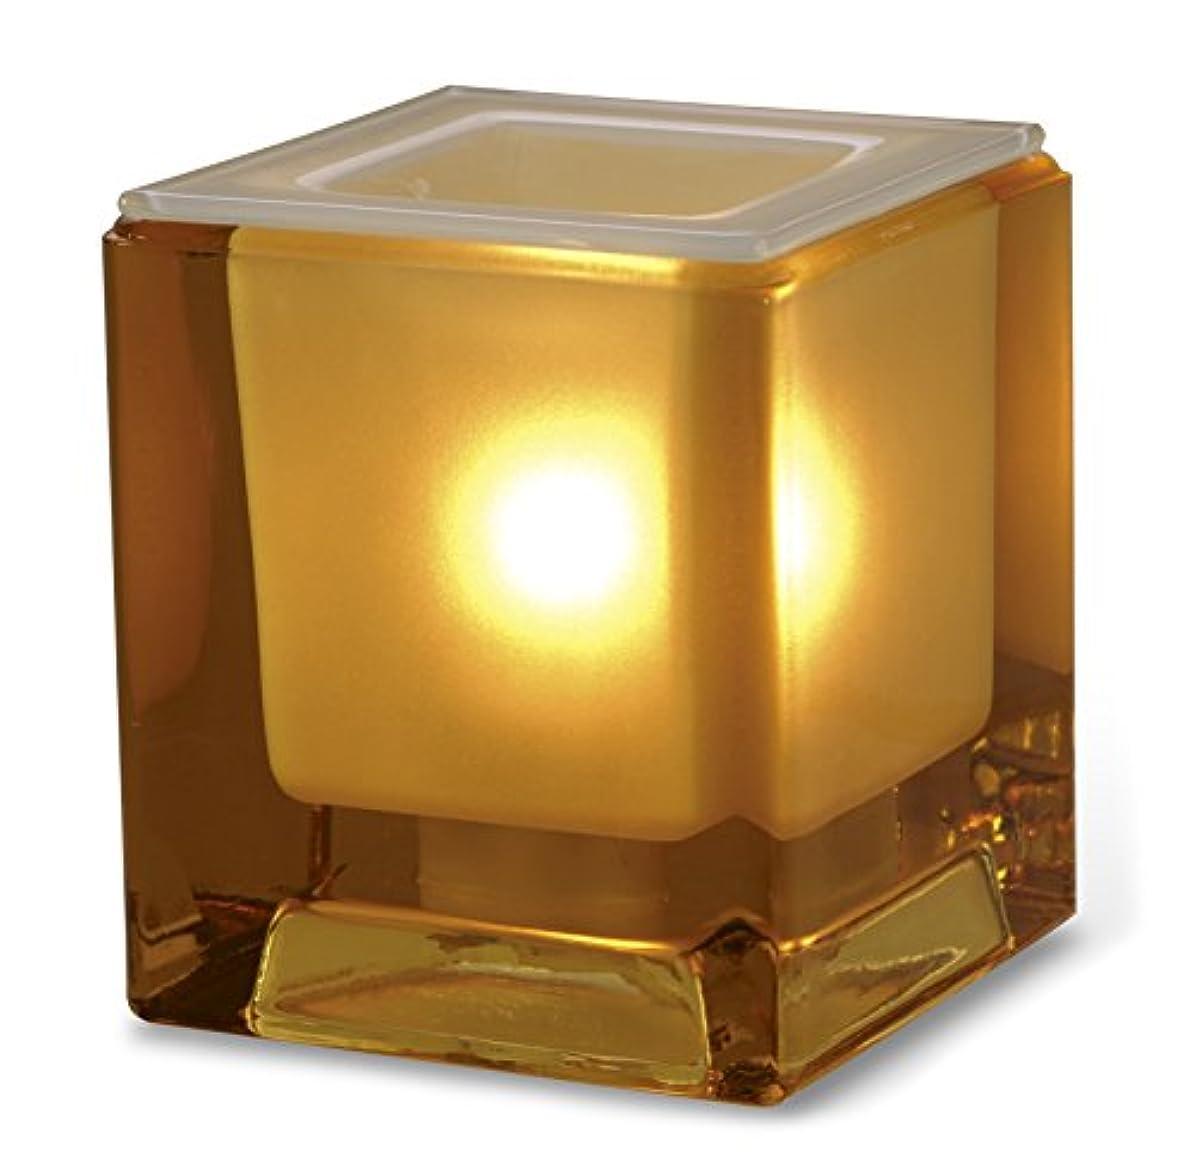 お茶神社キシマ クービコ アロマランプ アンバー KL-10165